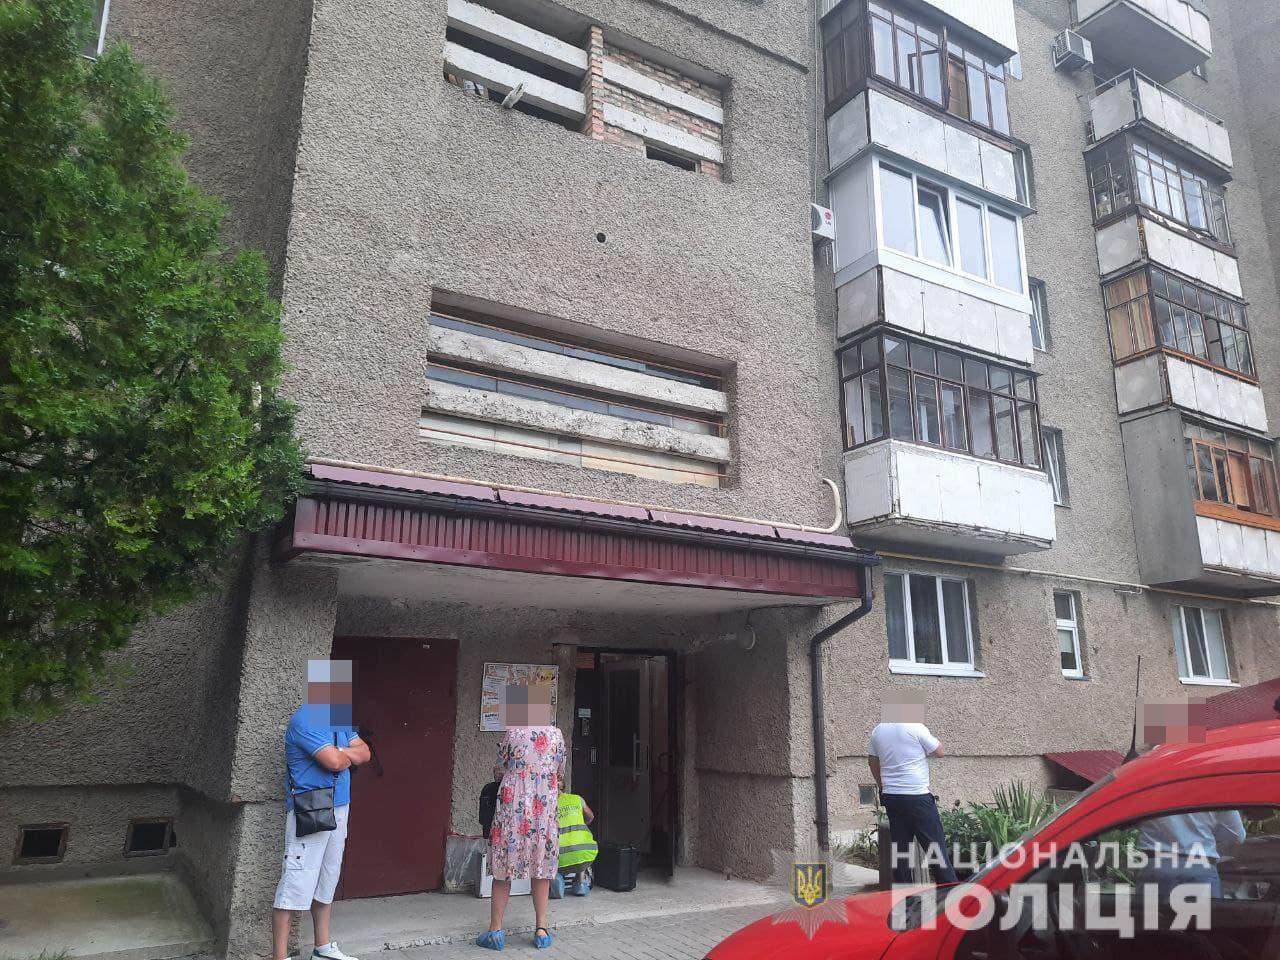 Двойное убийство произошло в многоэтажке по проспекту Соборности